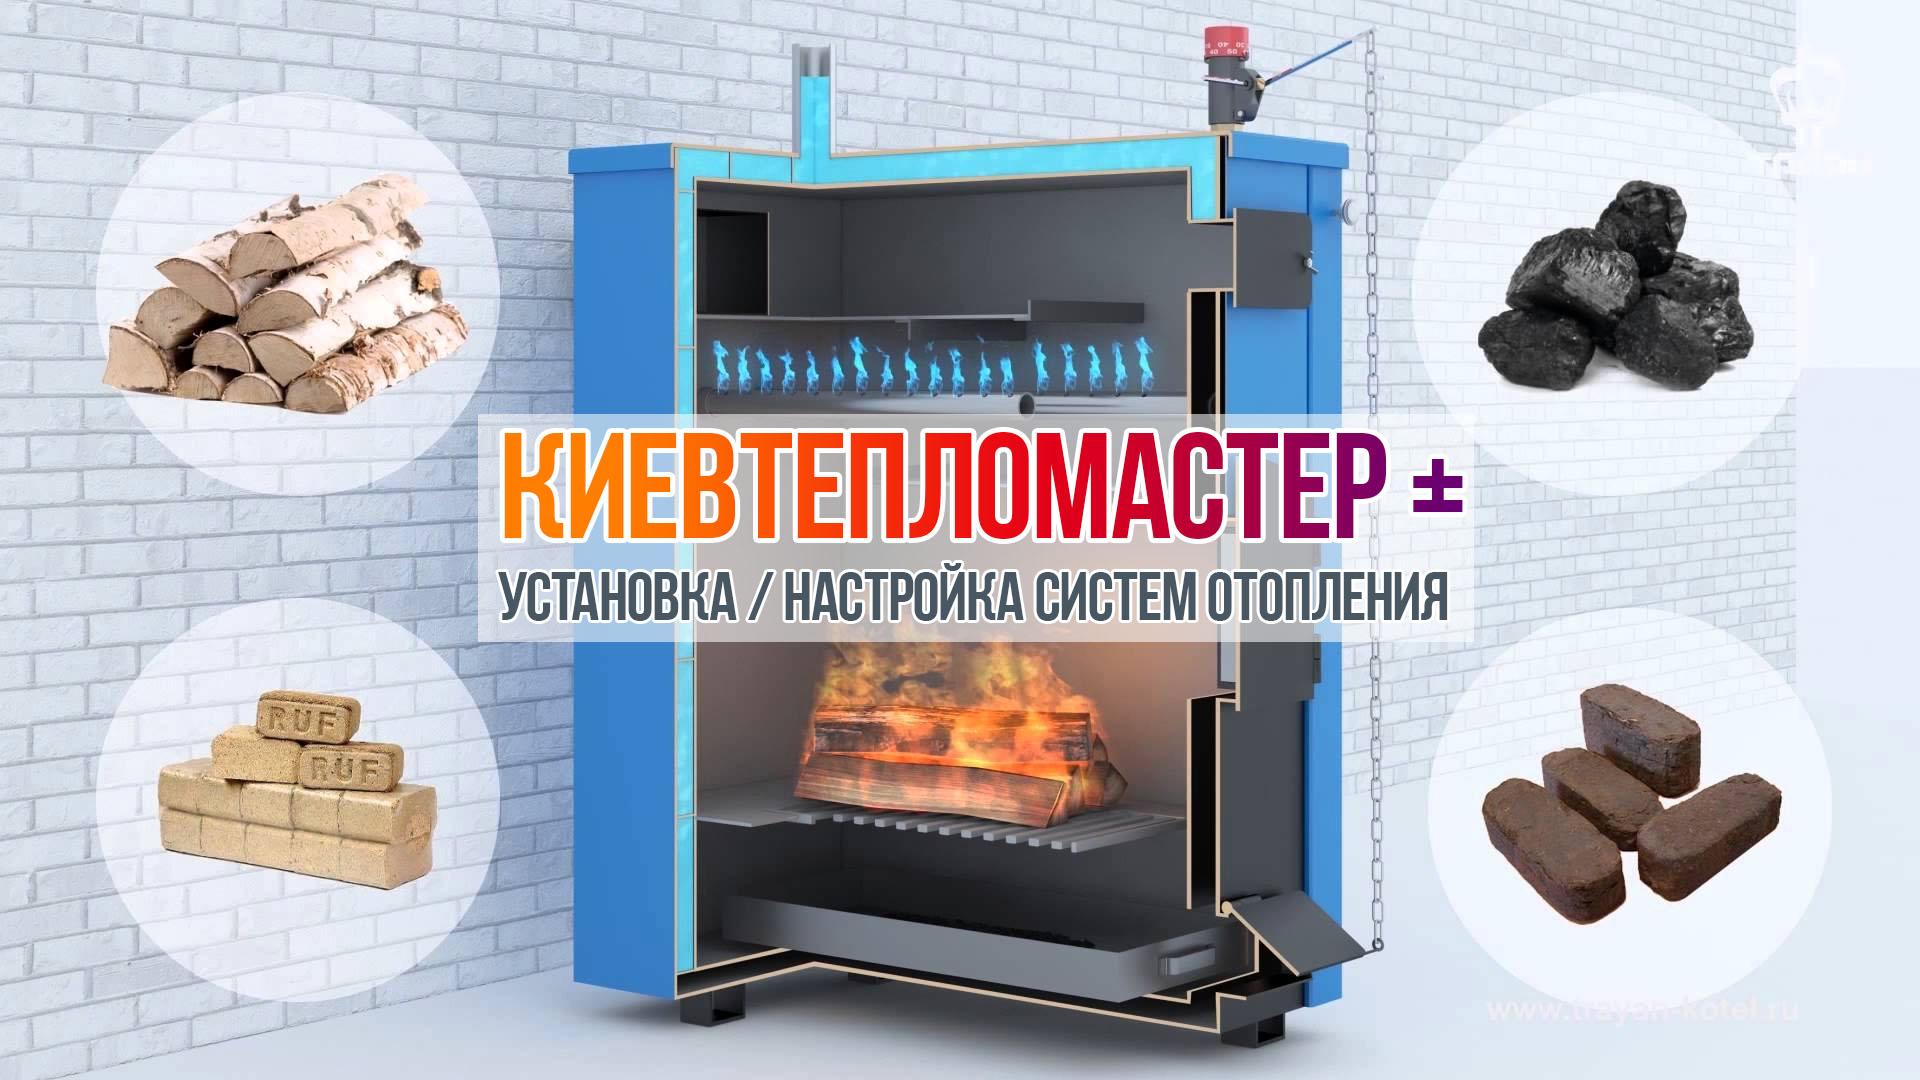 Киевтепломастер: настройка, установка систем отопления в Ирпене, Буче